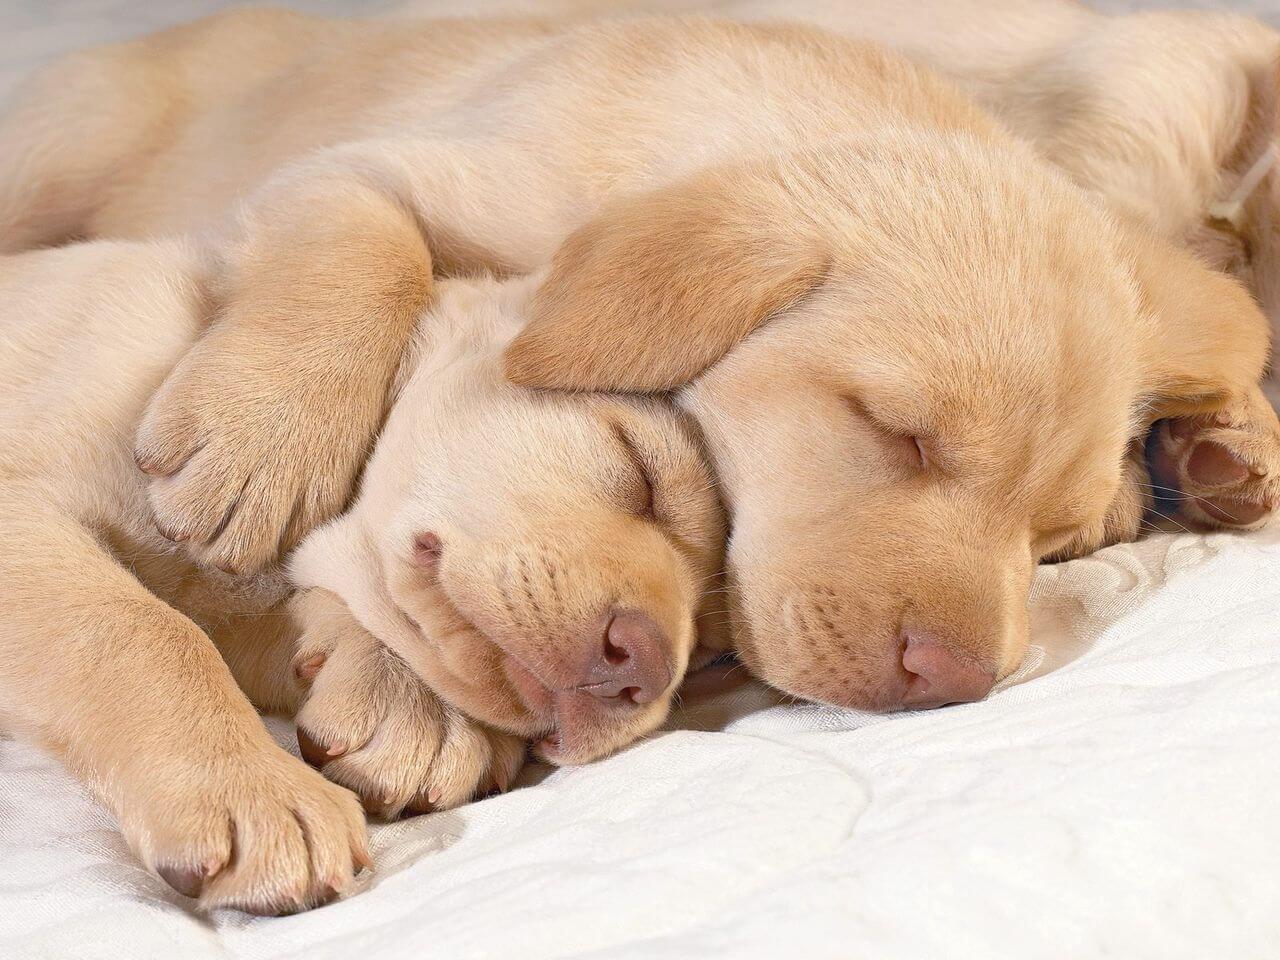 分割睡眠なんです。